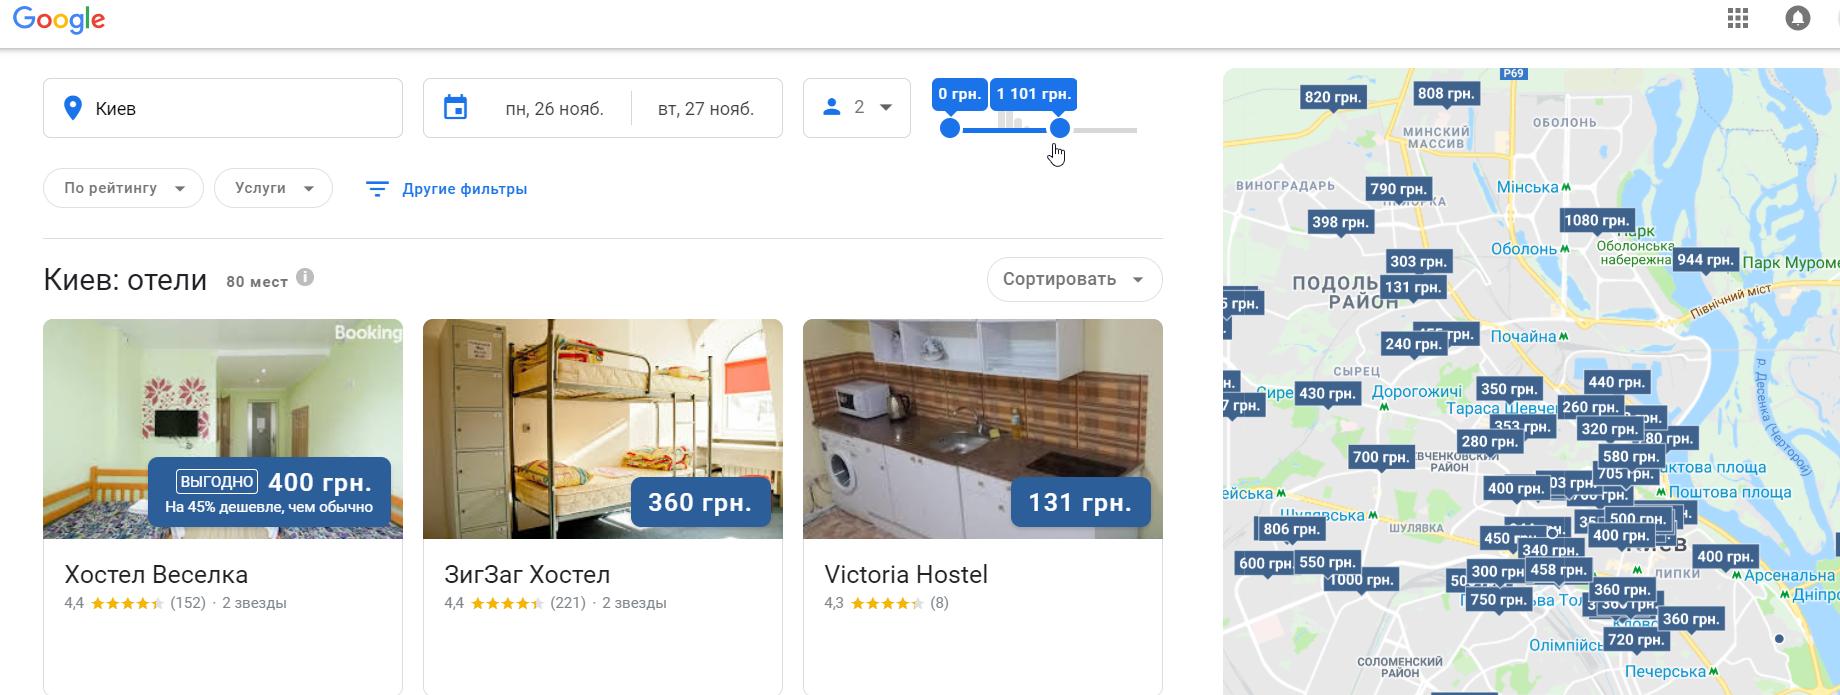 новый интерфейс Google поиск для отелей